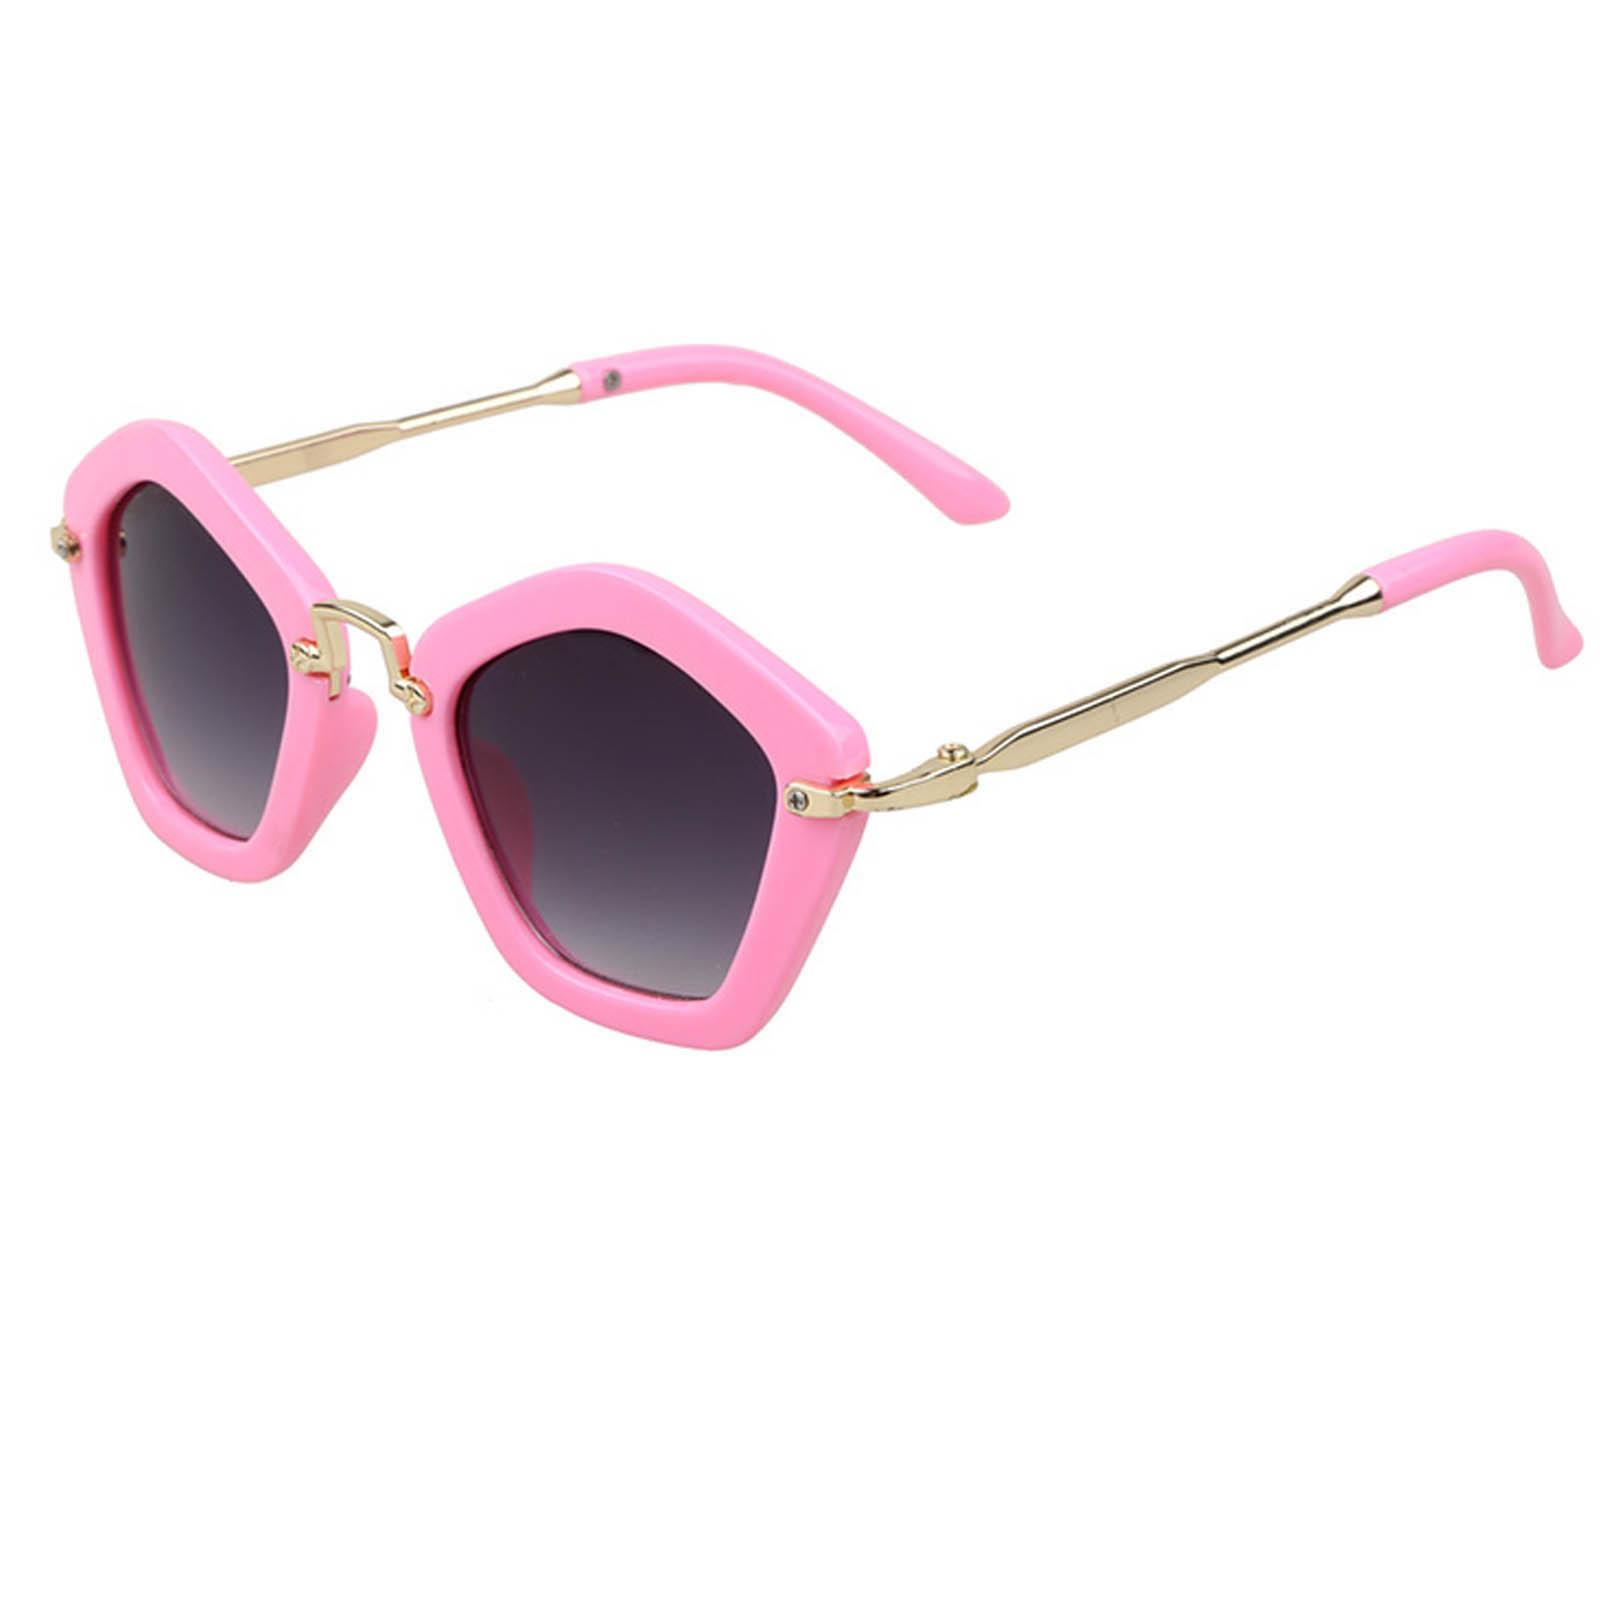 OWL ® 044 C3 Round Pentagon Eyewear Sunglasses Women's Men's Metal Punk Hot Frame Smoke Lens One Pair